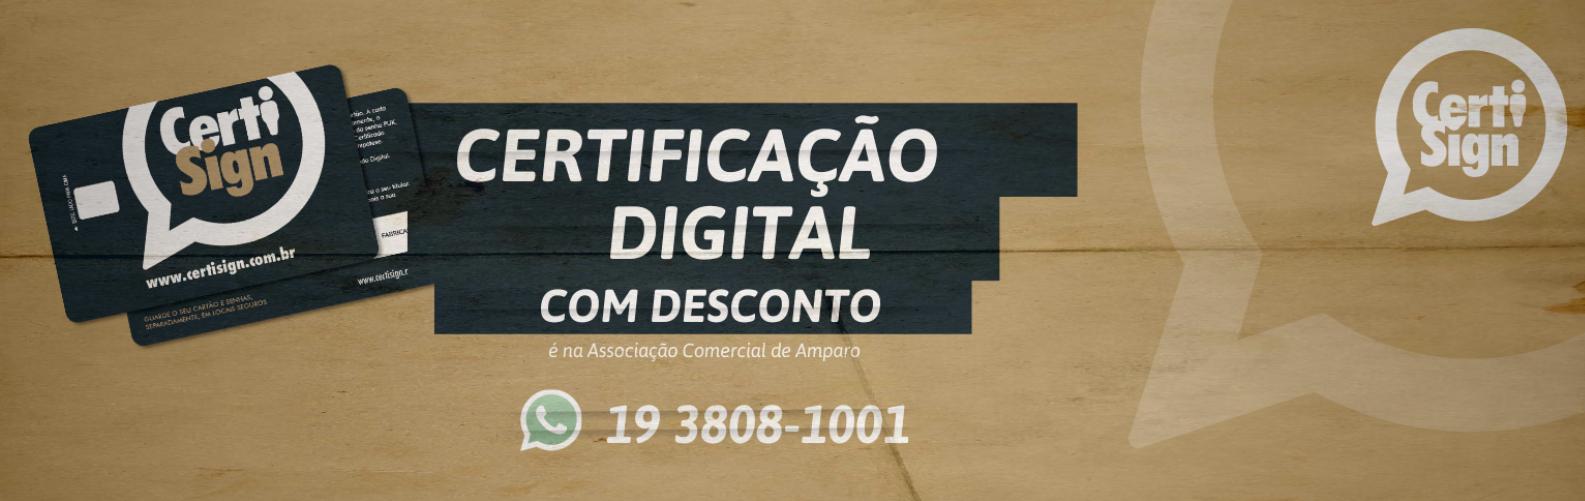 Certificado Digital Desconto